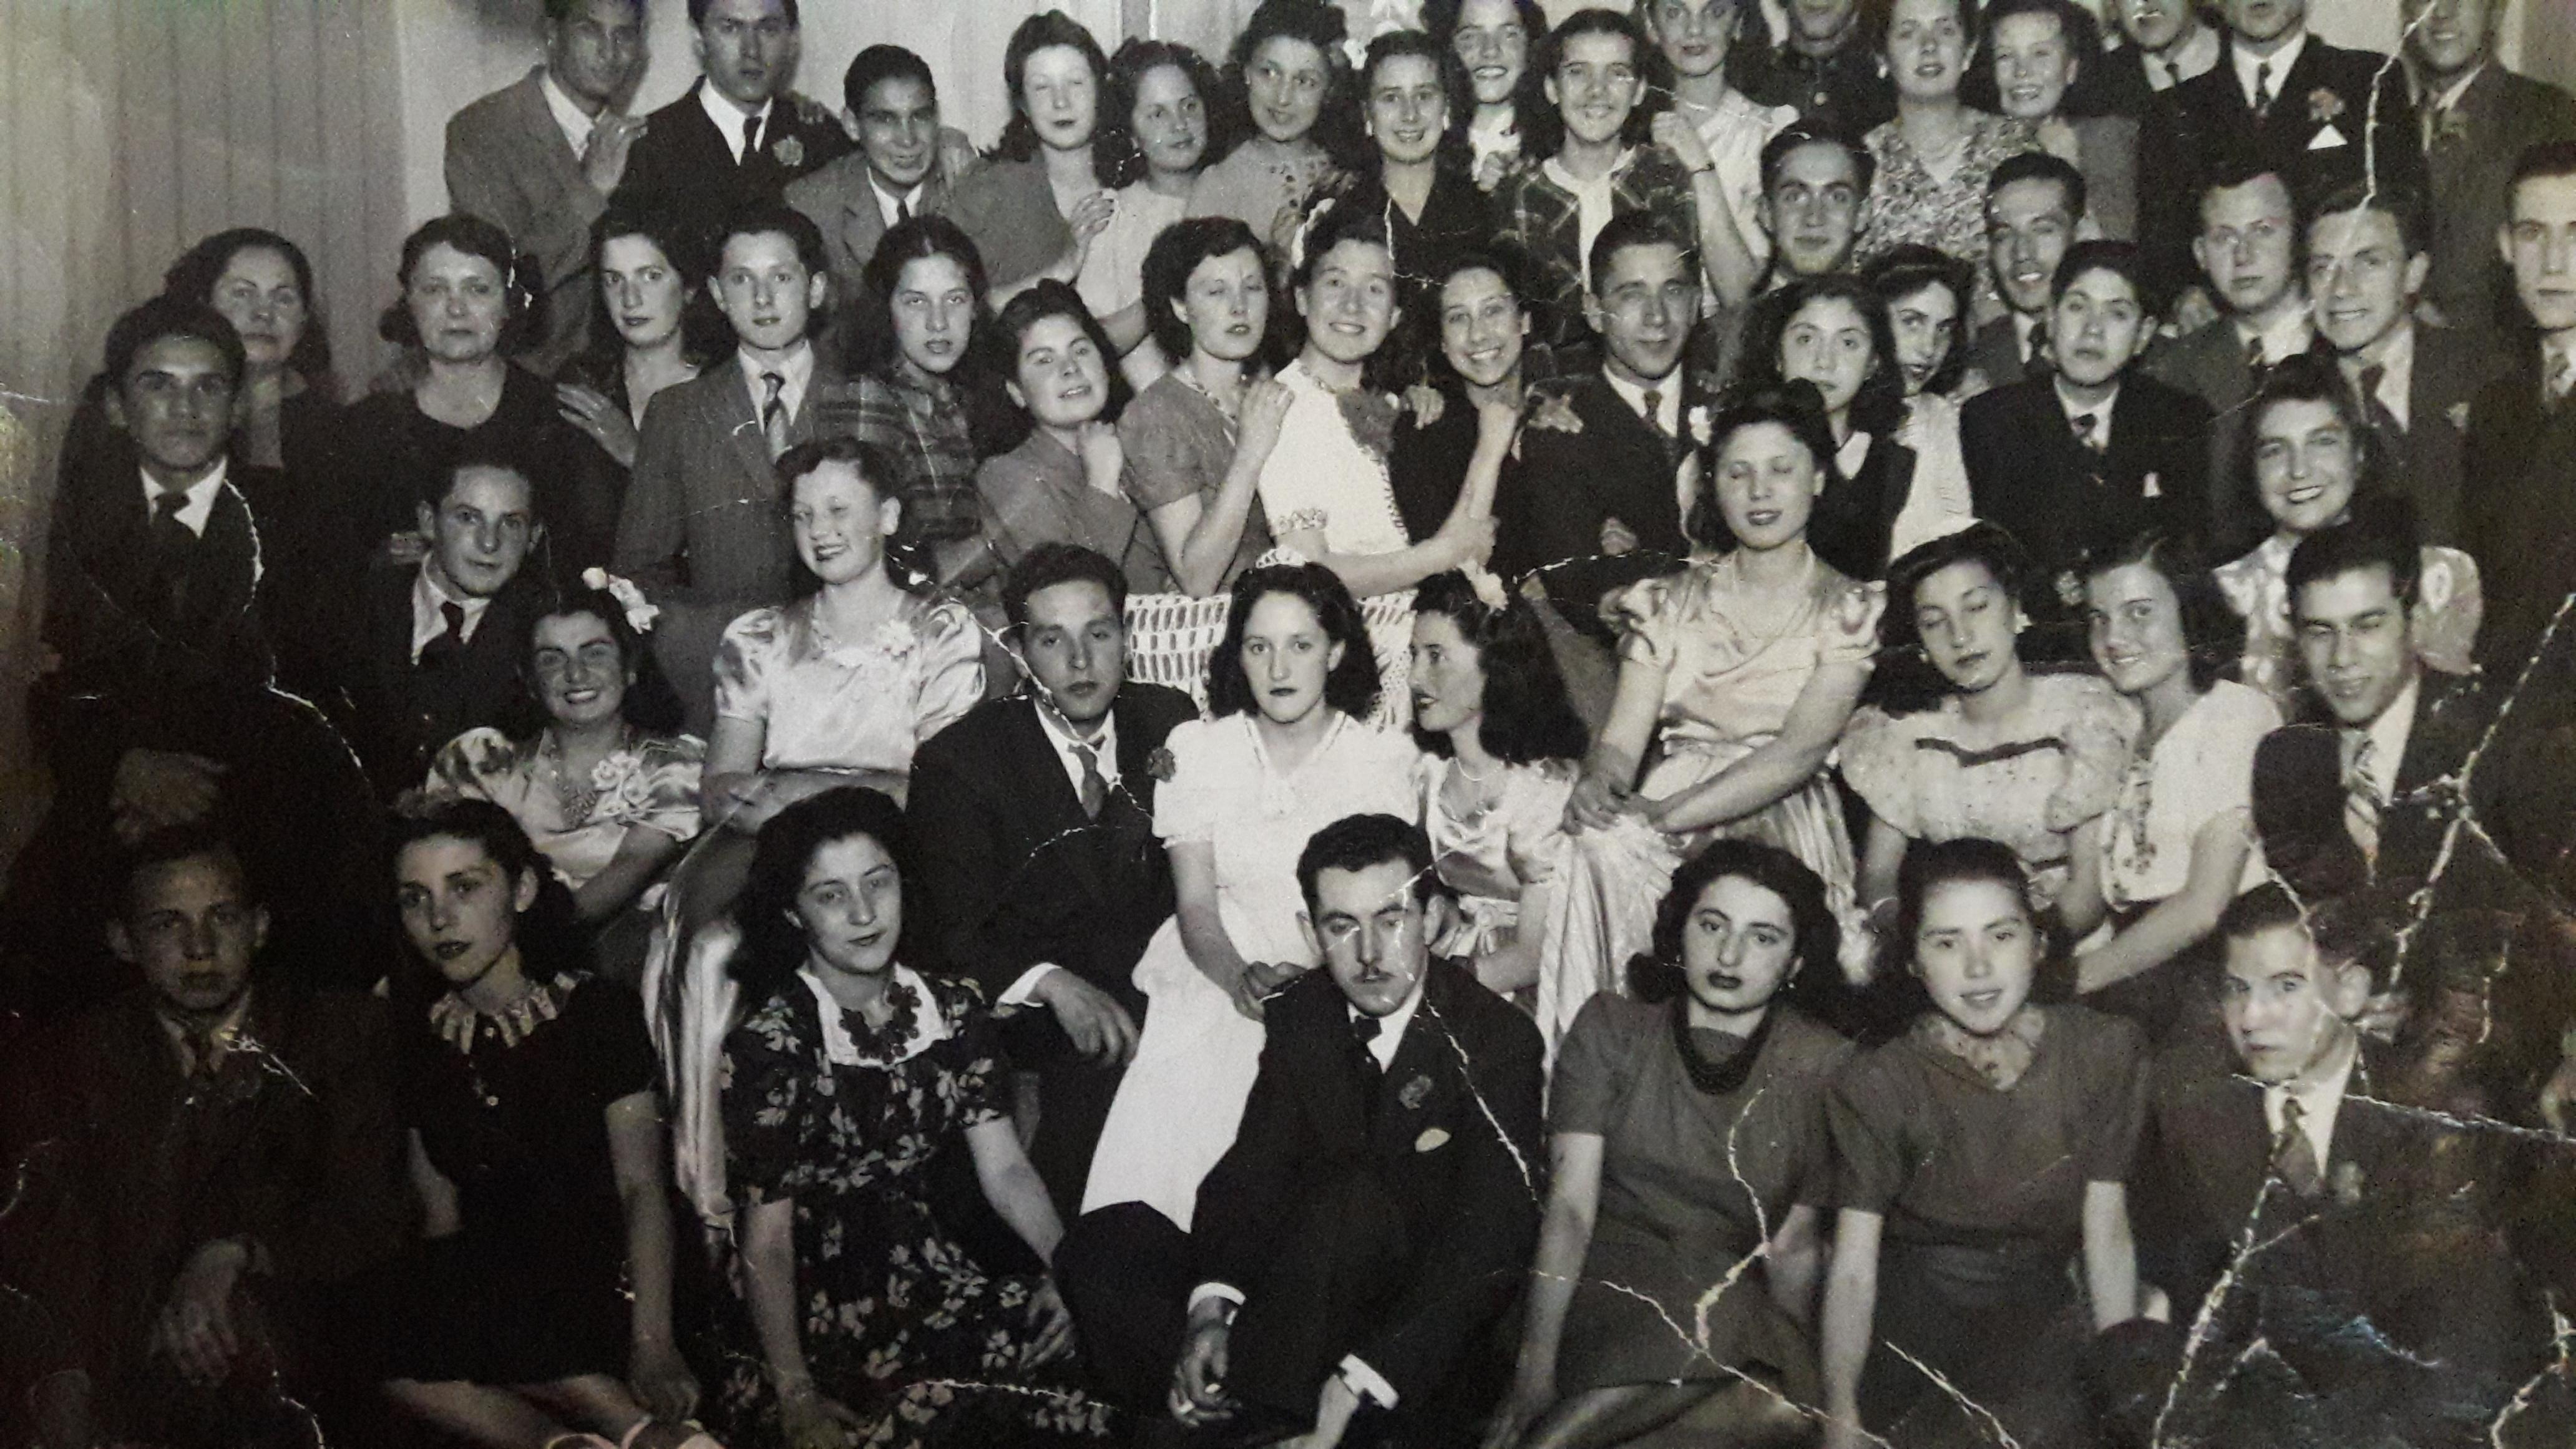 Enterreno - Fotos históricas de chile - fotos antiguas de Chile - Coronación Fiesta de la Primavera, 1941